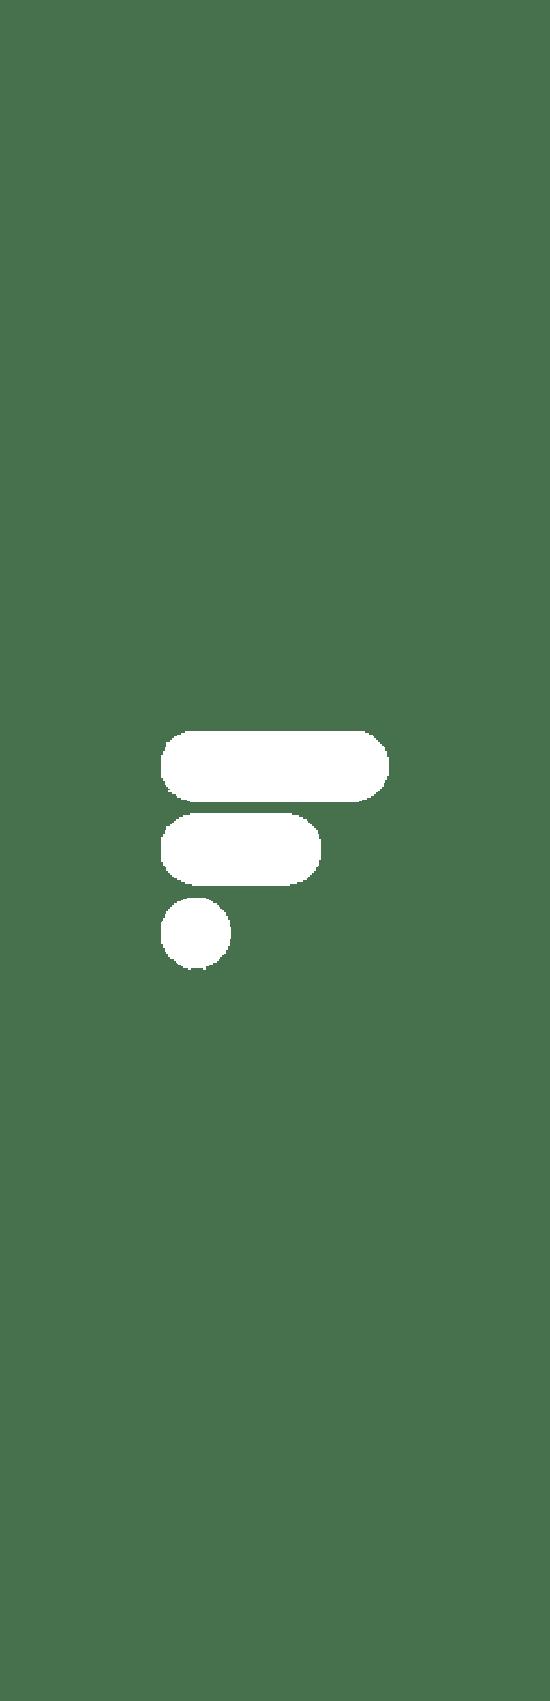 android n nouveaux emojis 2